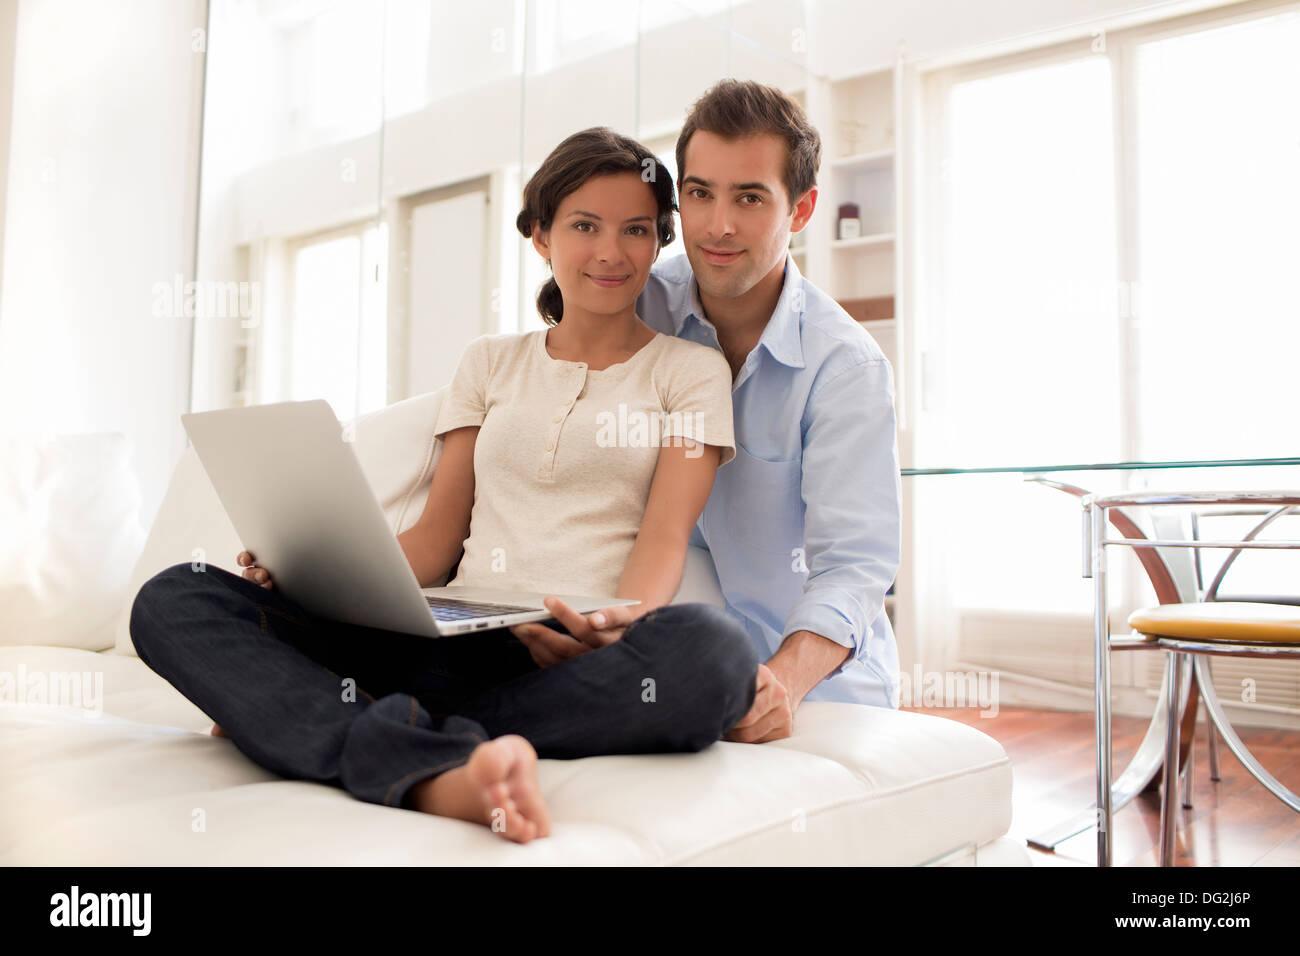 Frau Mann Laptop indoor Wohnzimmer Liebhaber, Kamera suchen Stockbild